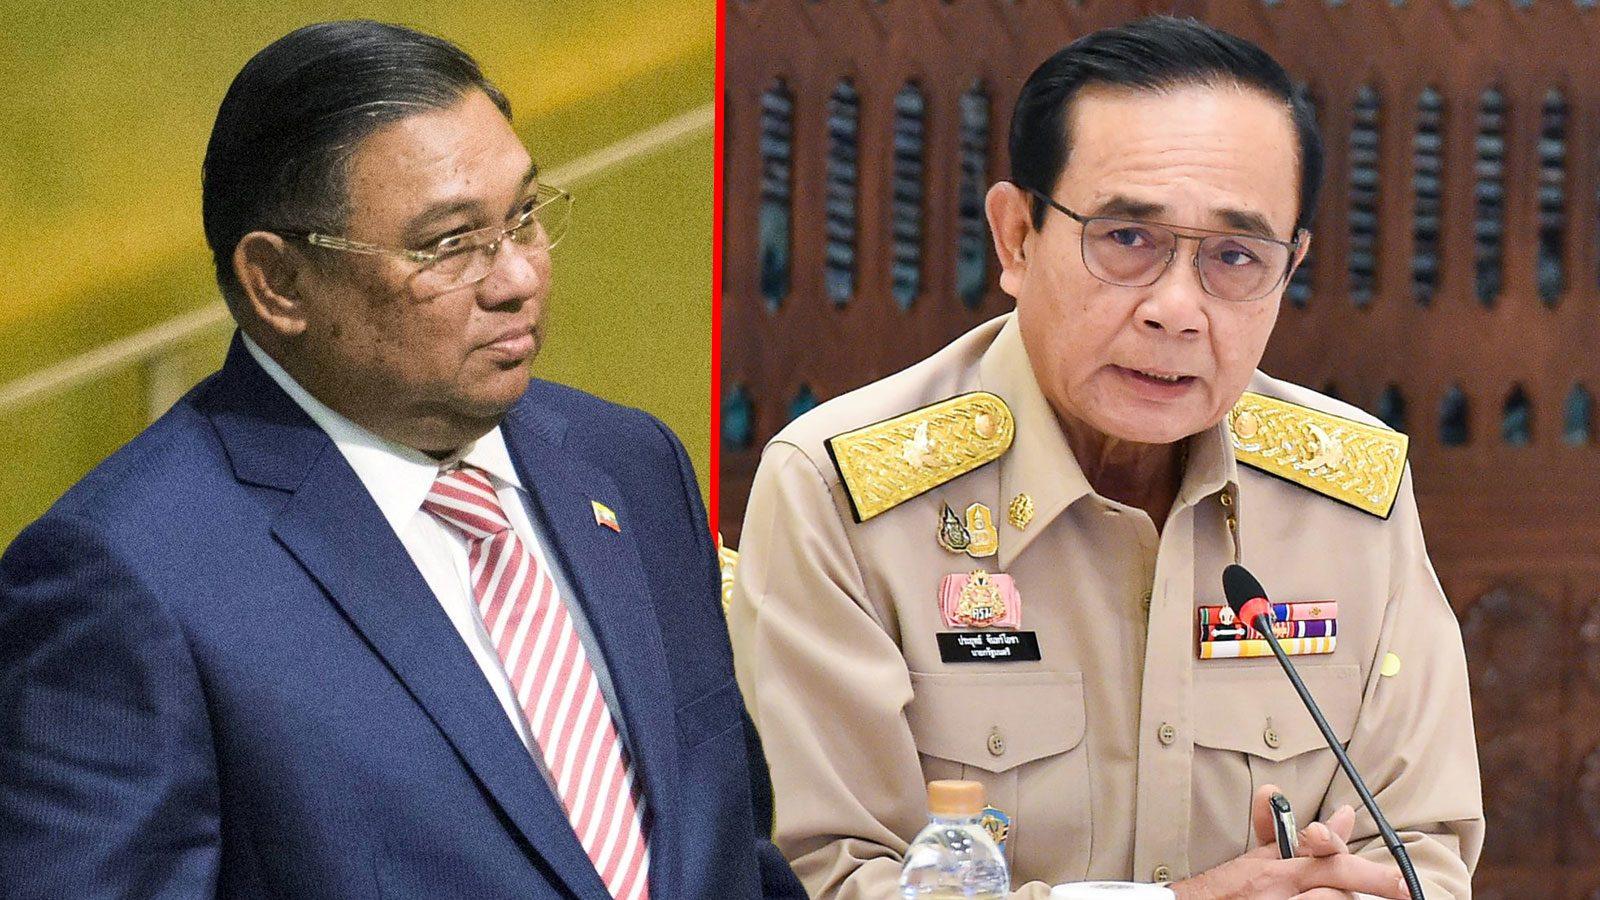 รมว.ต่างประเทศที่กองทัพพม่าตั้ง เยือนไทย พบ 'บิ๊กตู่-รมว.อินโด' หาทางออกวิกฤตชาติ